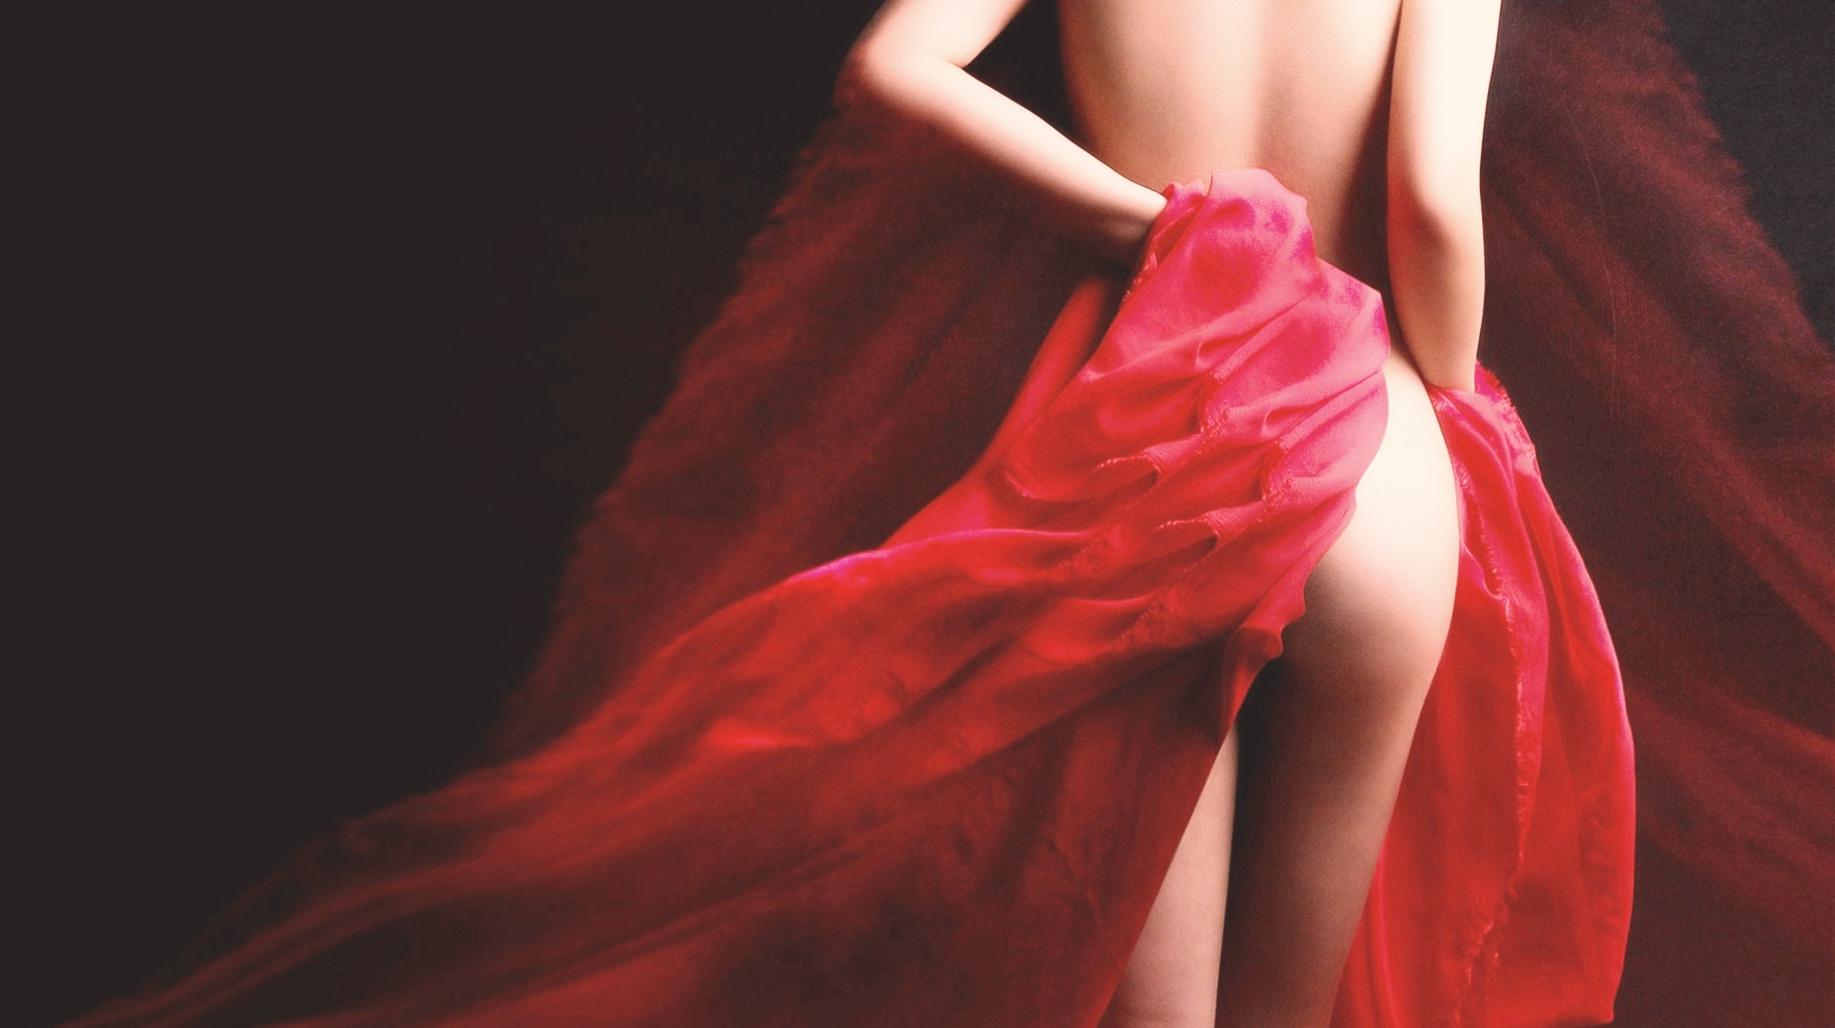 Симорон — красные трусы на люстре на любовь